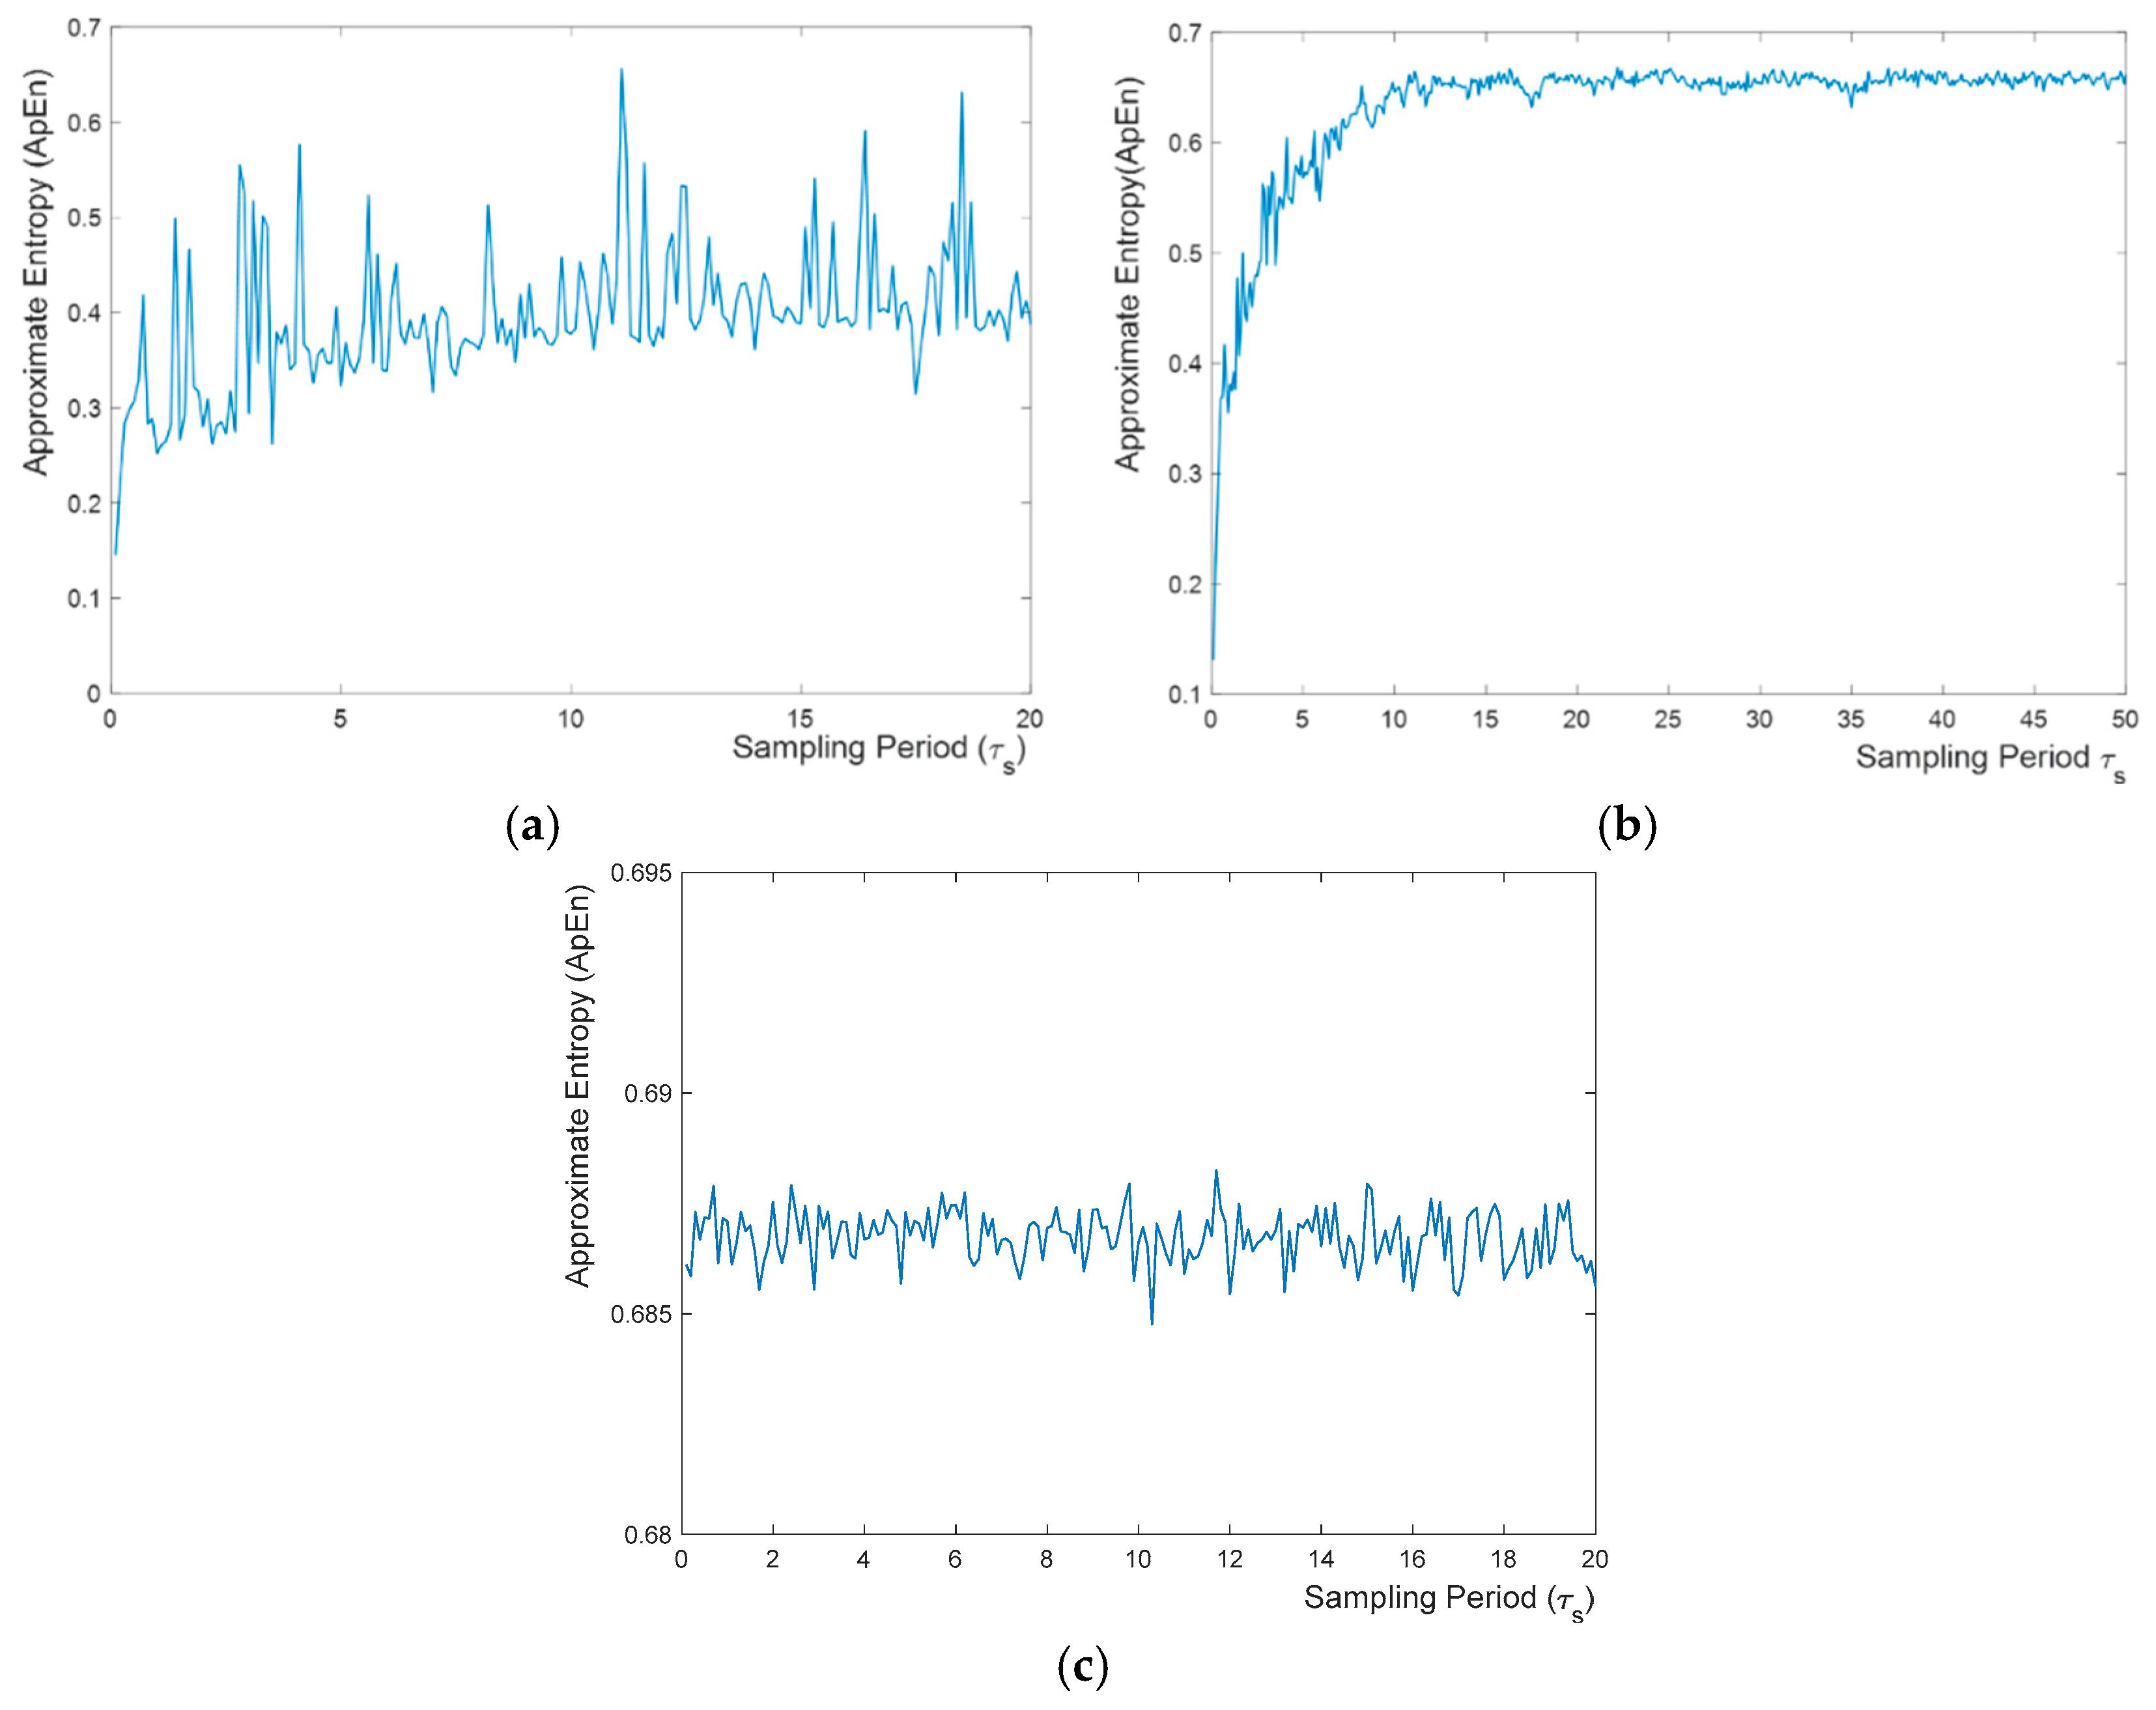 autocorrelation of white noise